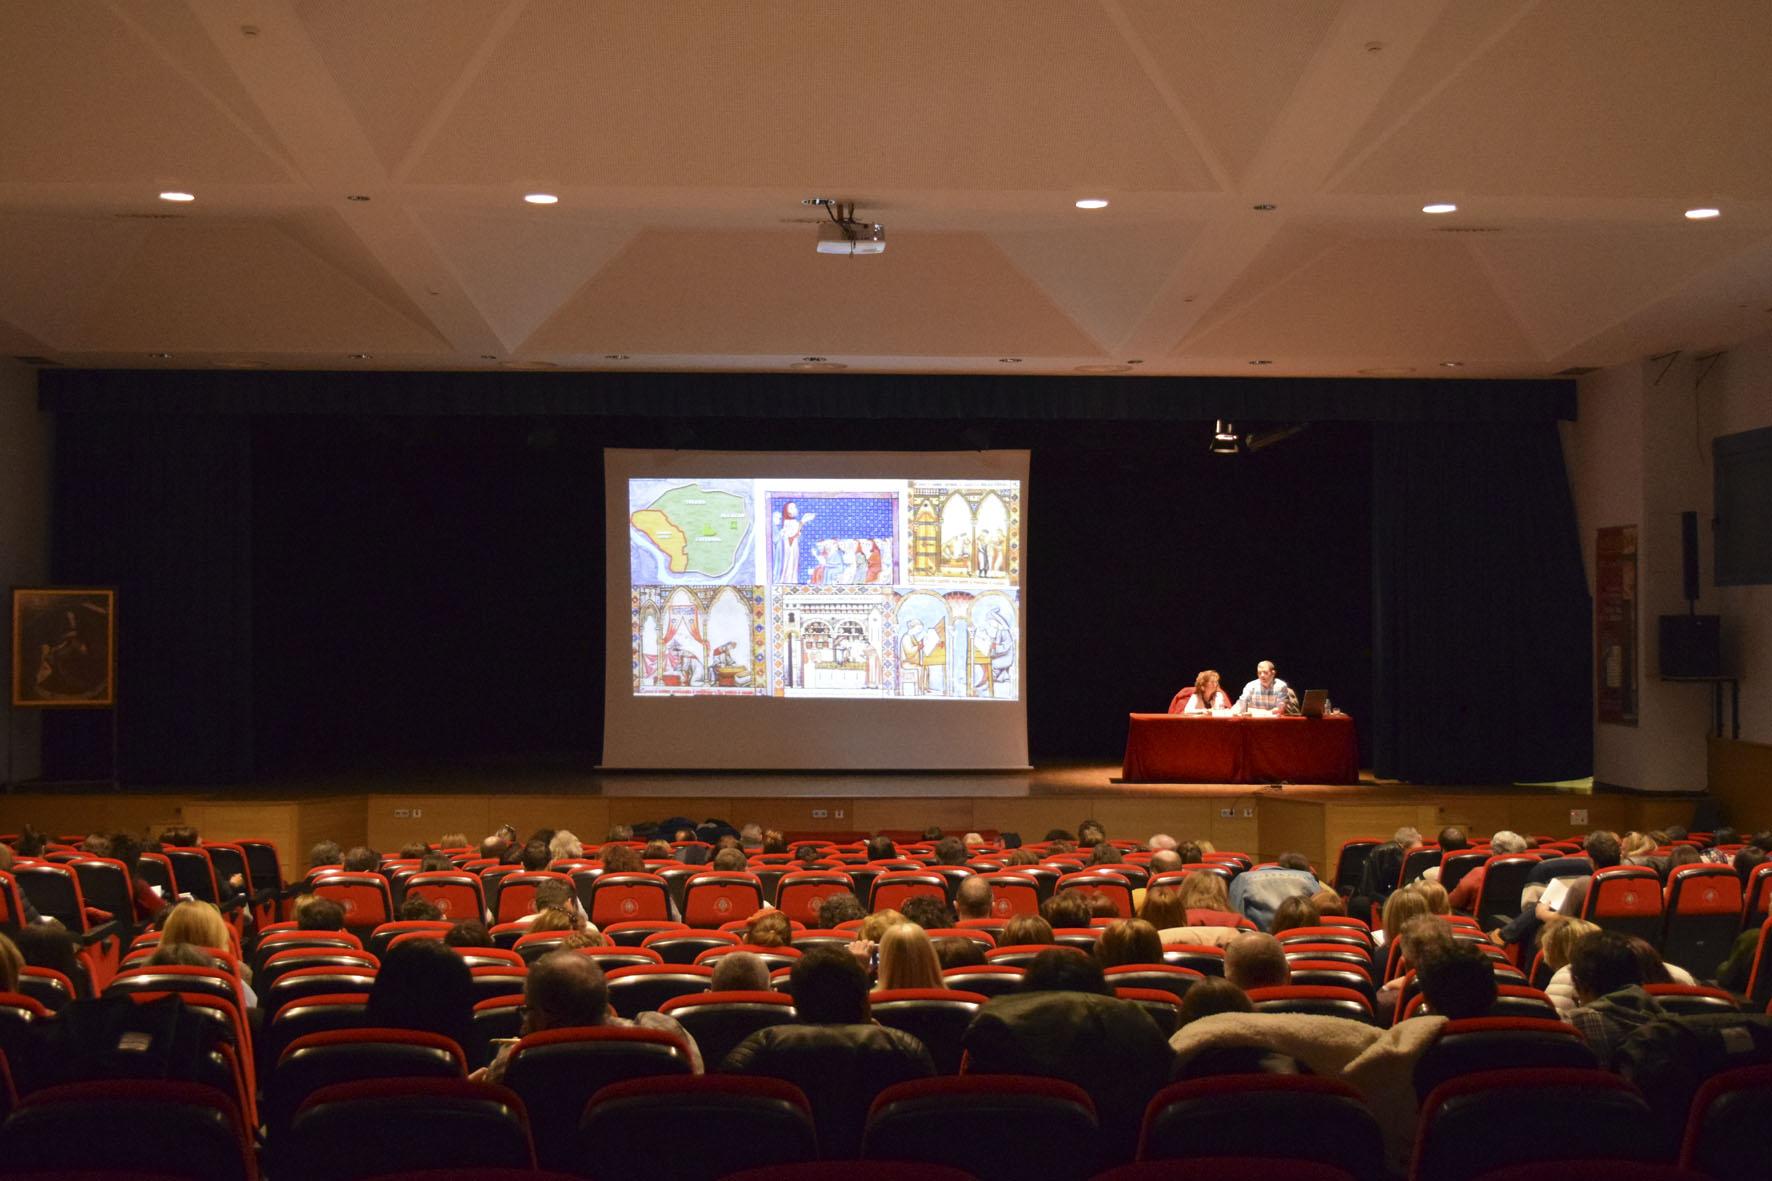 Comienzo temporada 2019 - 20 - Proyectos Culturales, Gestión del patrimonio cultural, proyectos de gestión, actividades y formación